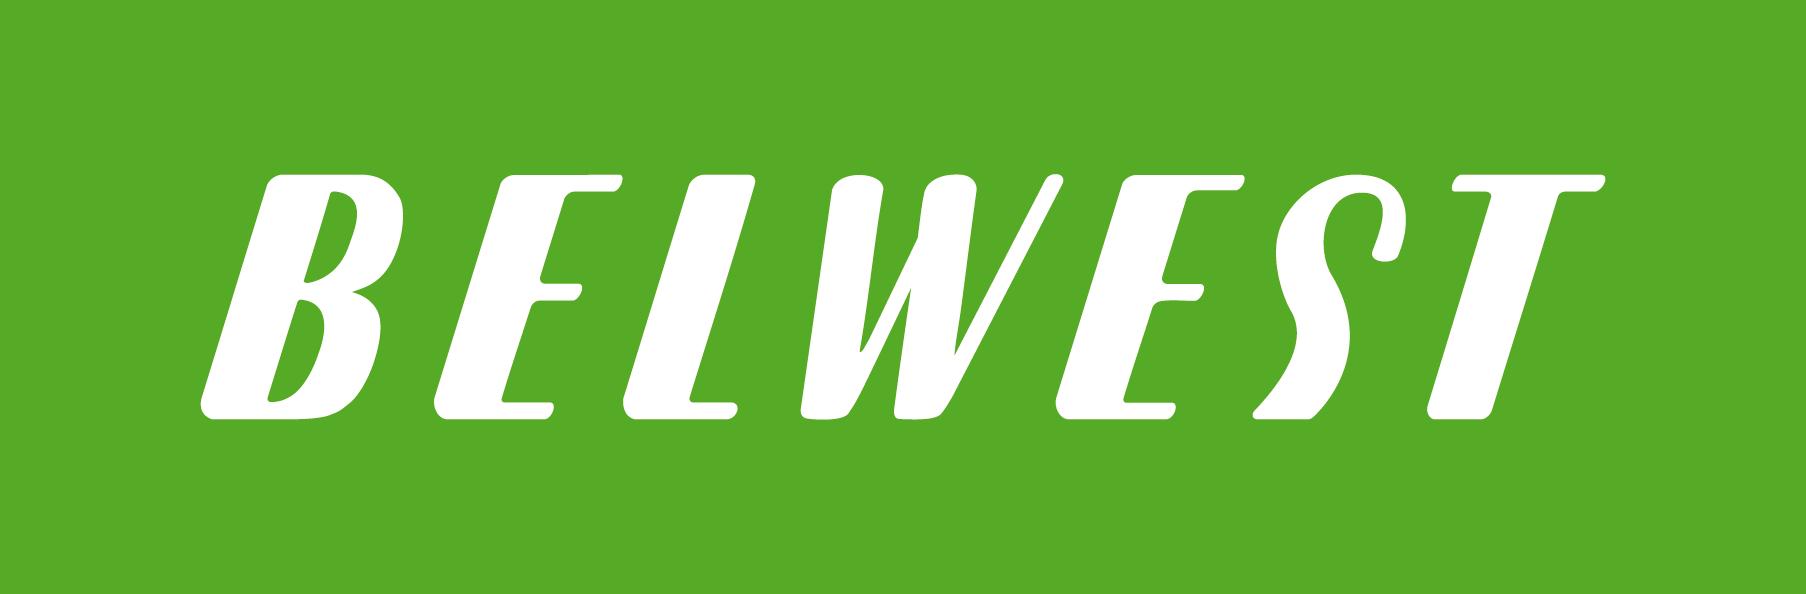 d454e5399 Добро пожаловать на сайт компании Belwest